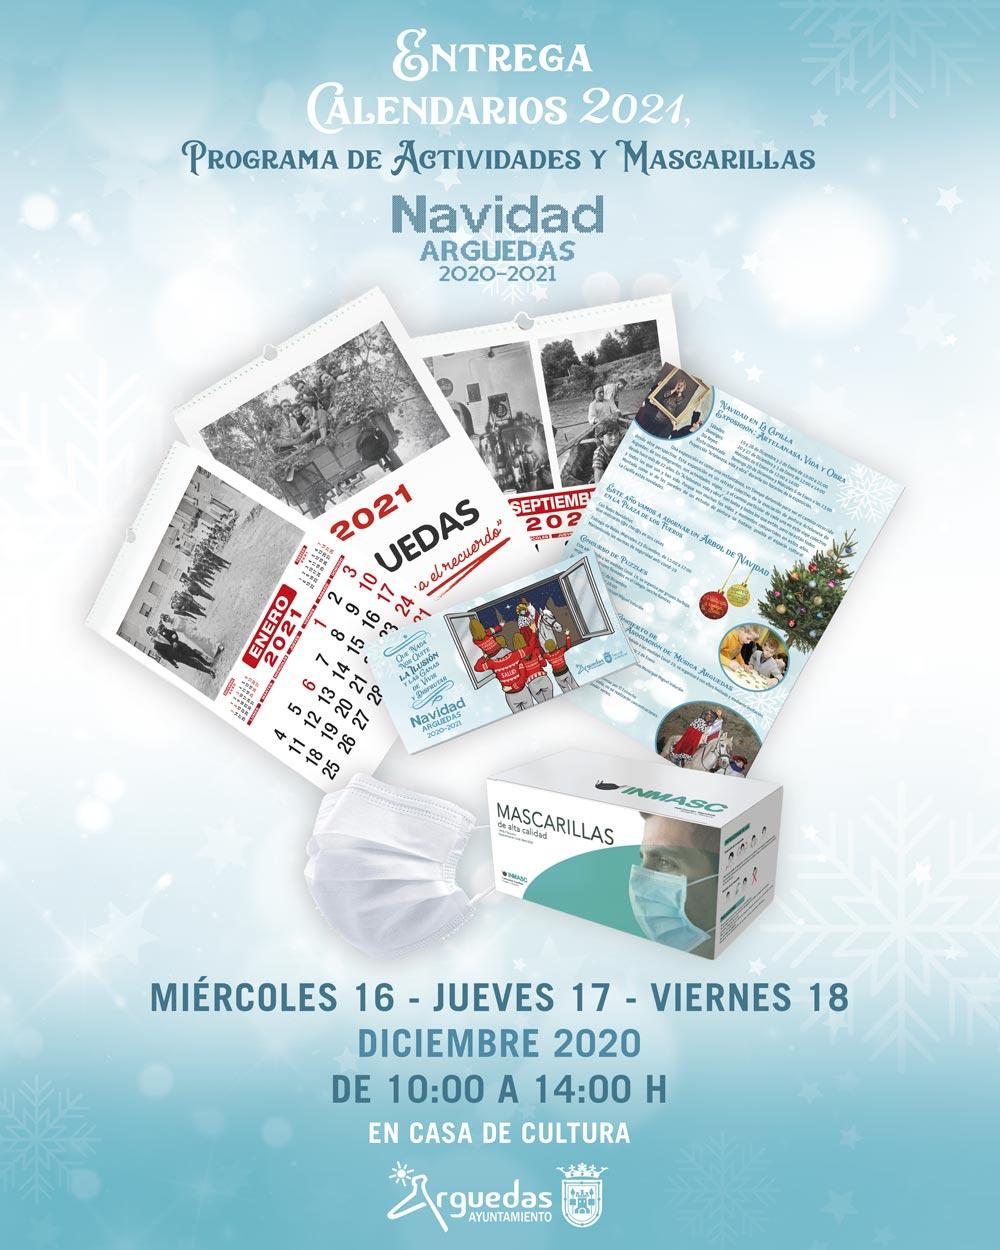 Entrega-Calendarios-Arguedas-2021-WEB-2